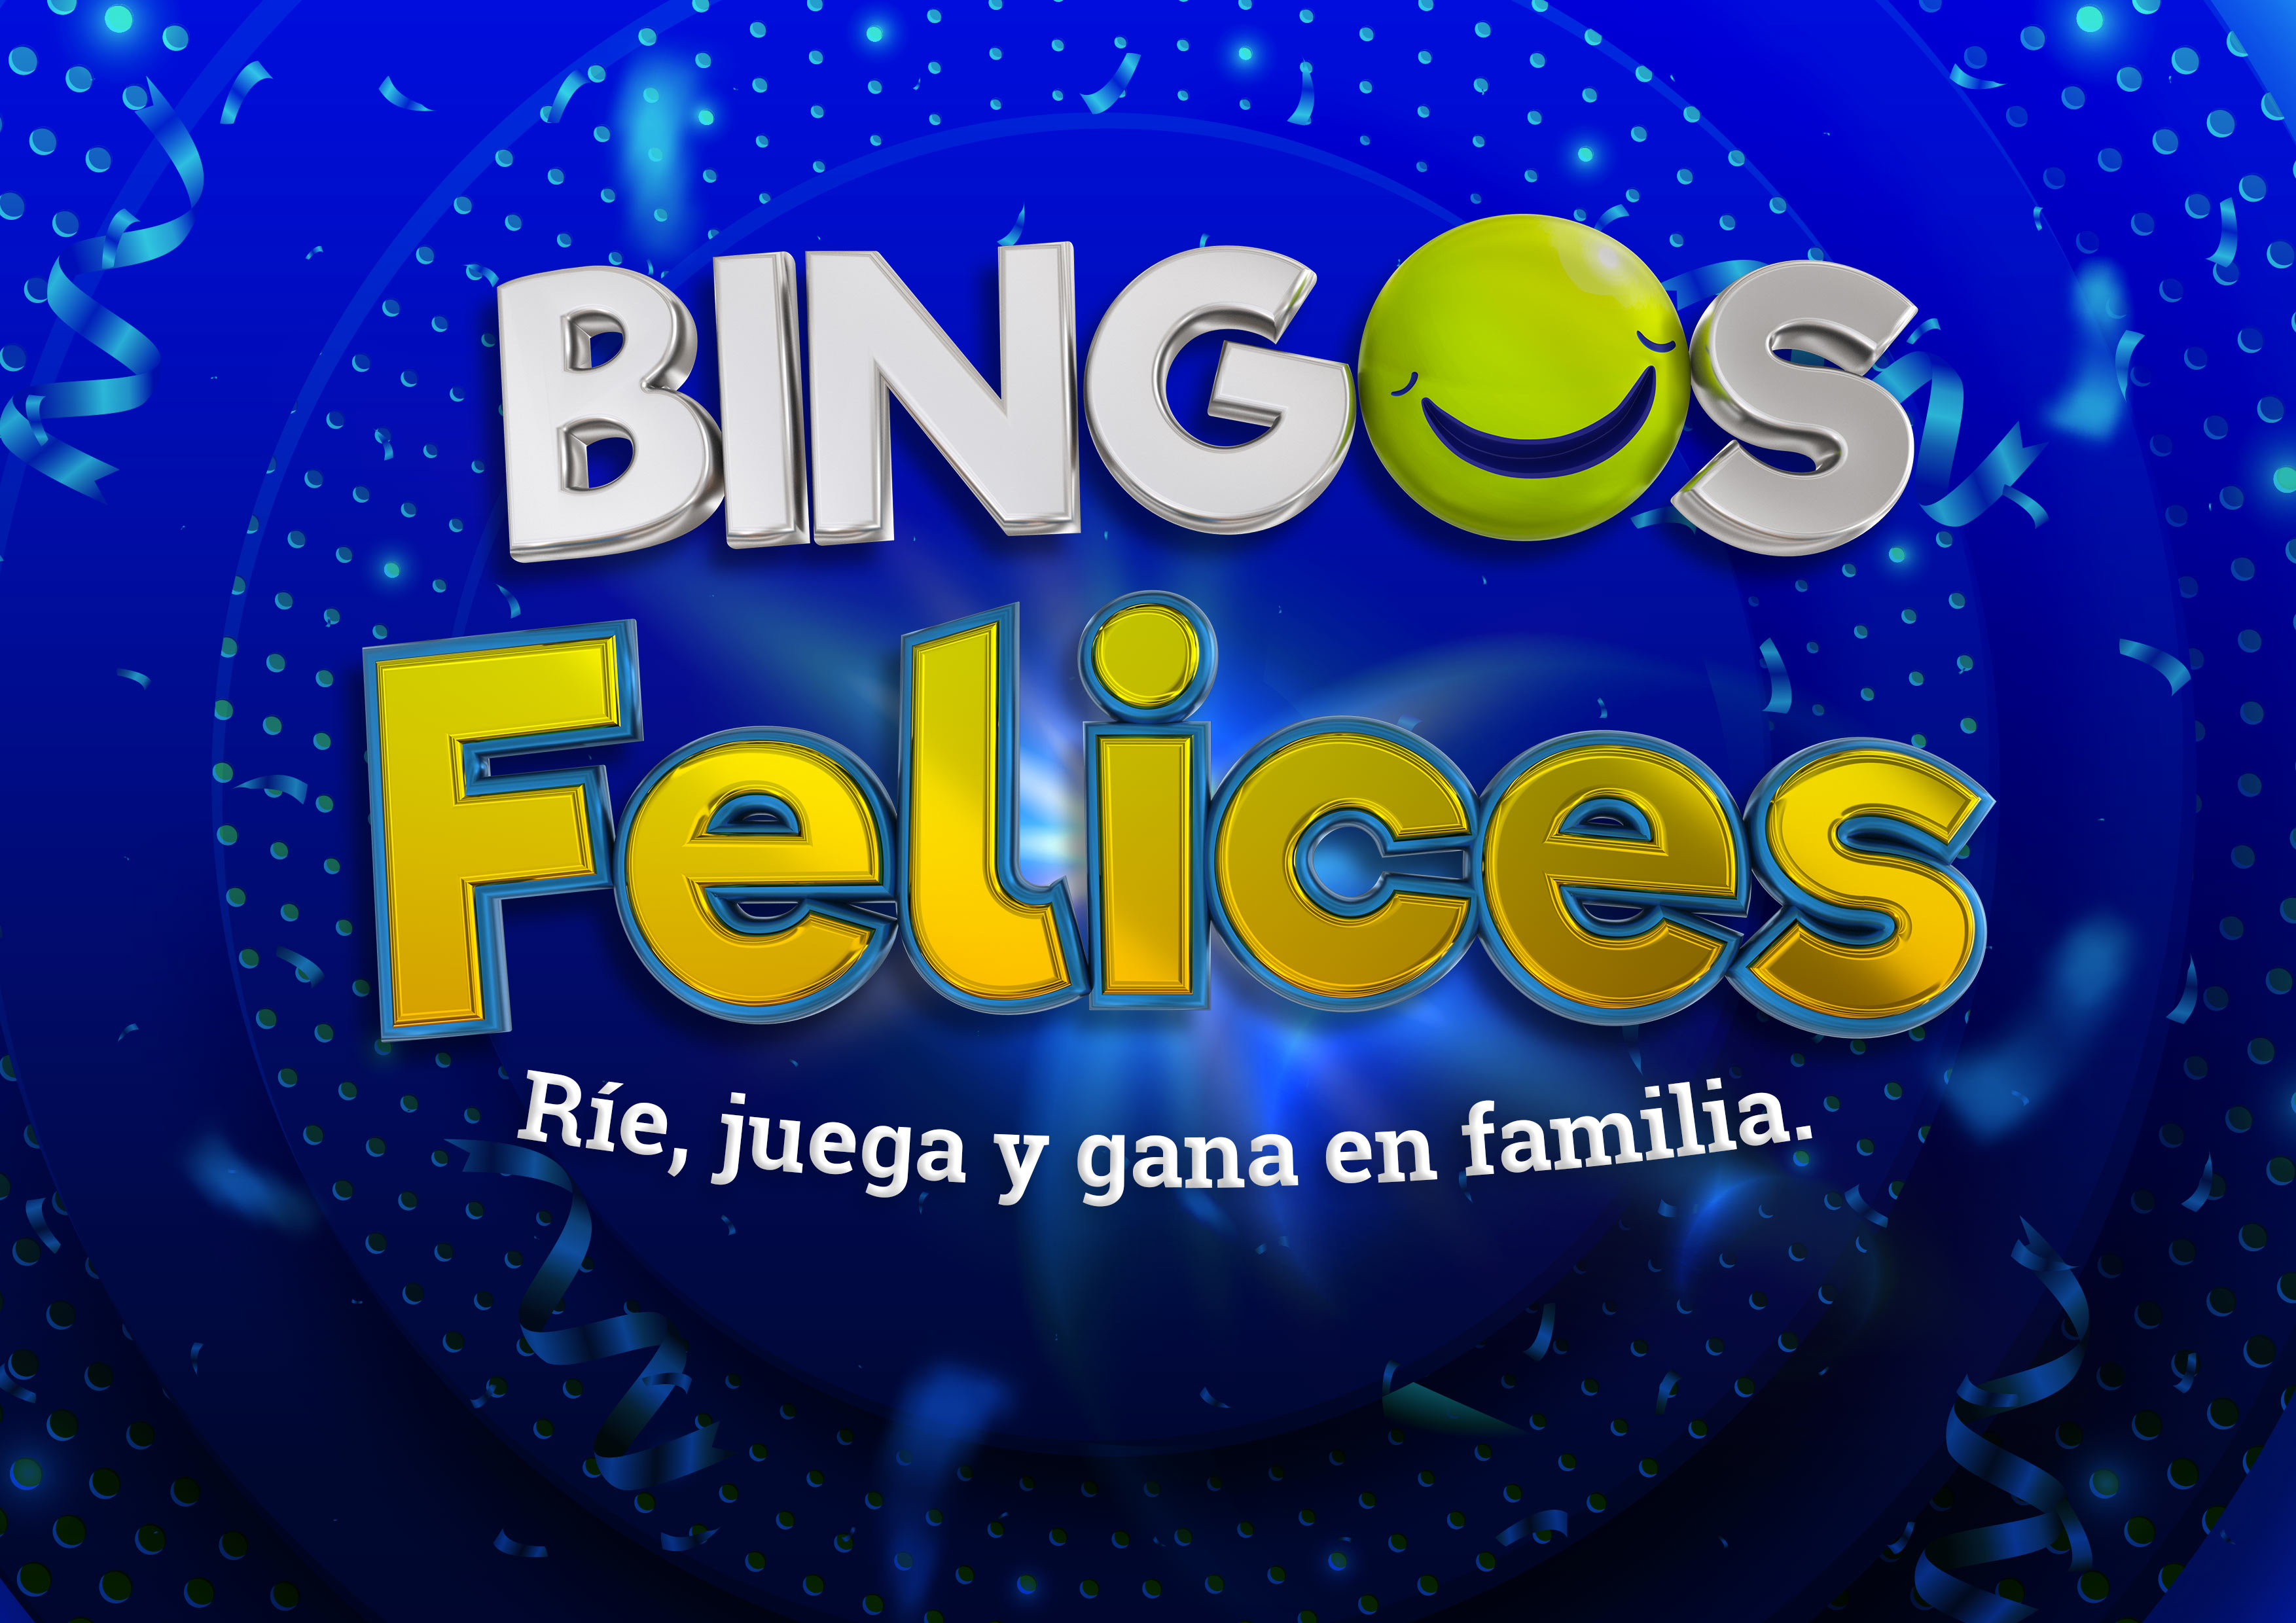 Quincena millonaria en Bingos Felices